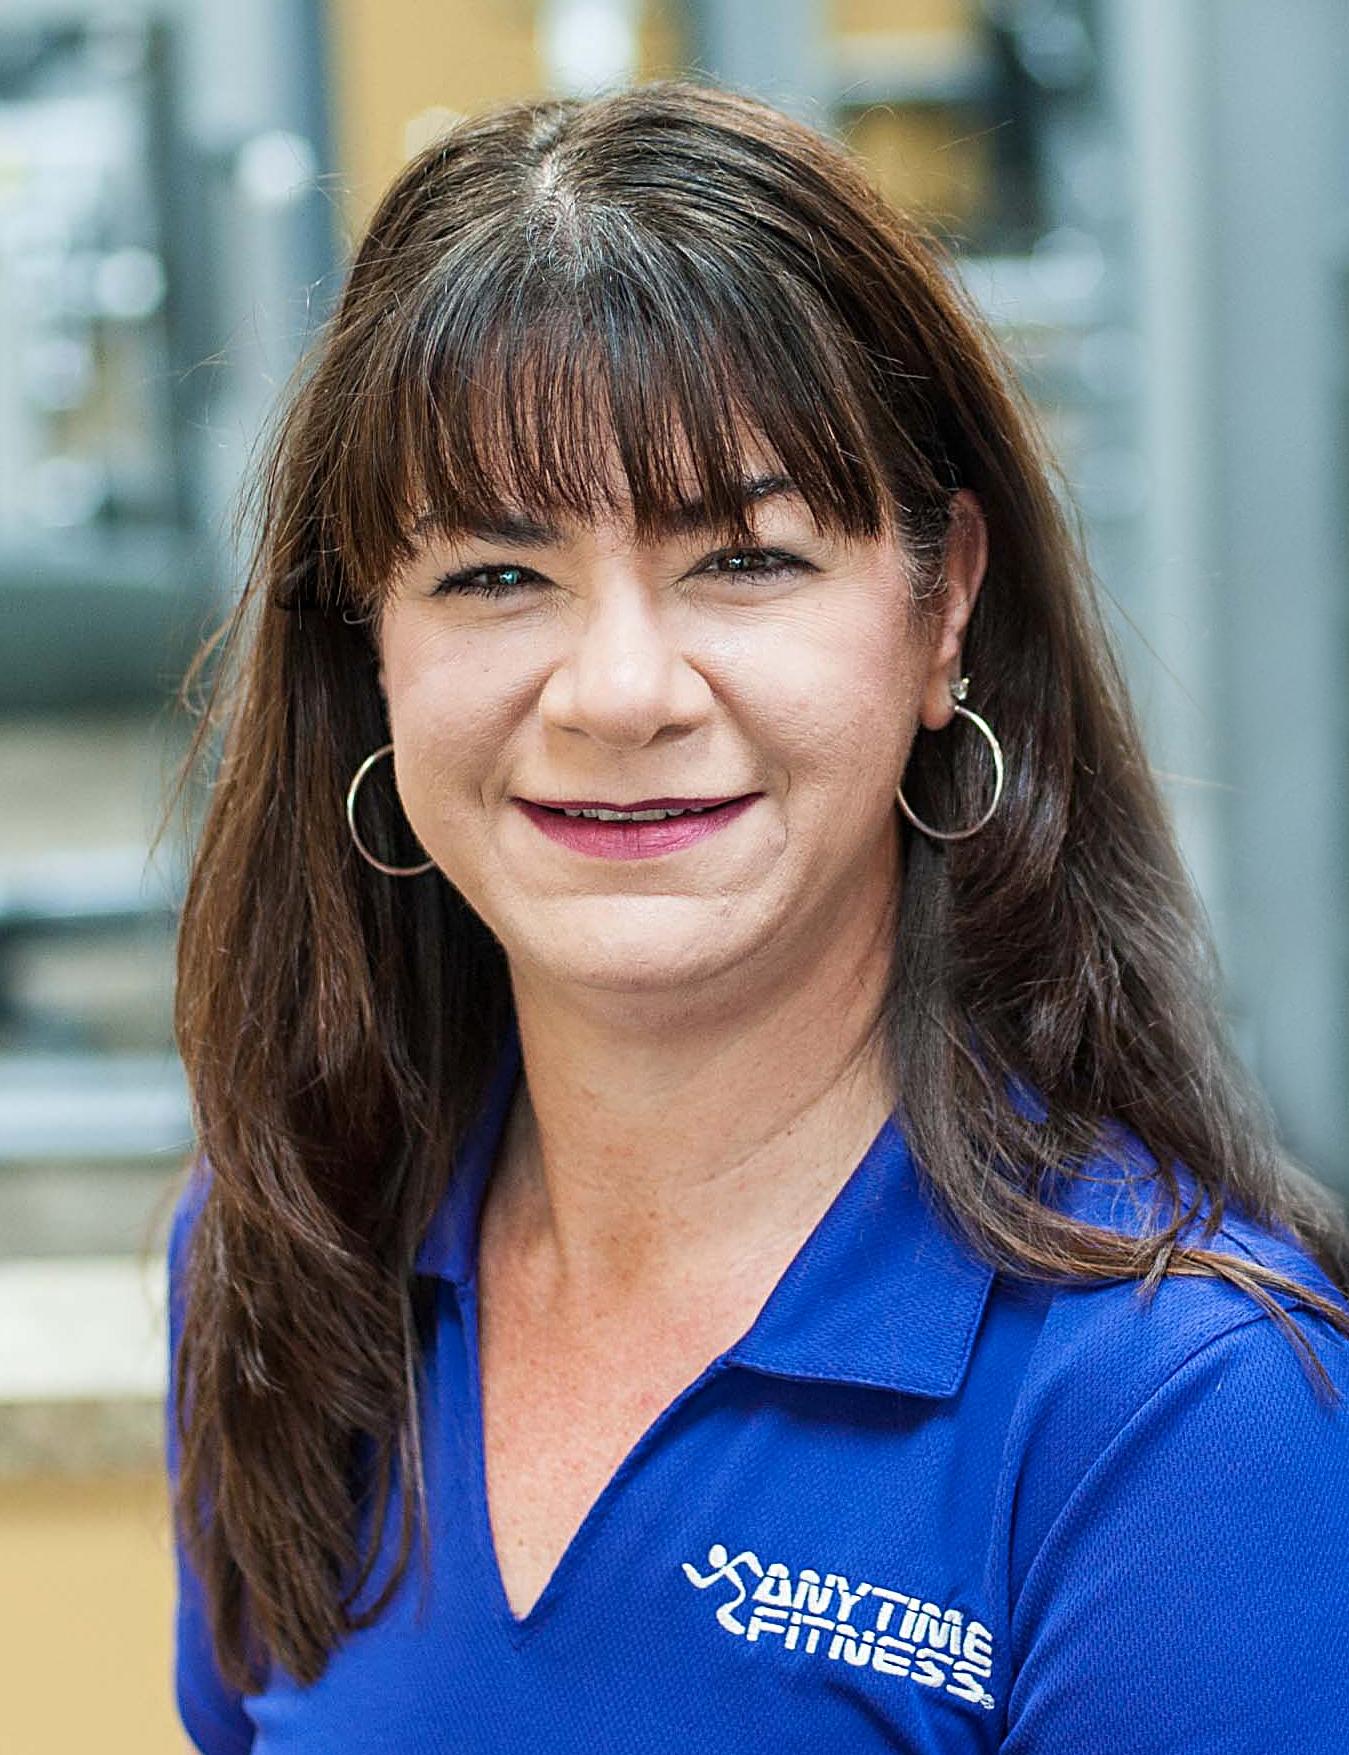 Kelly Rickabus